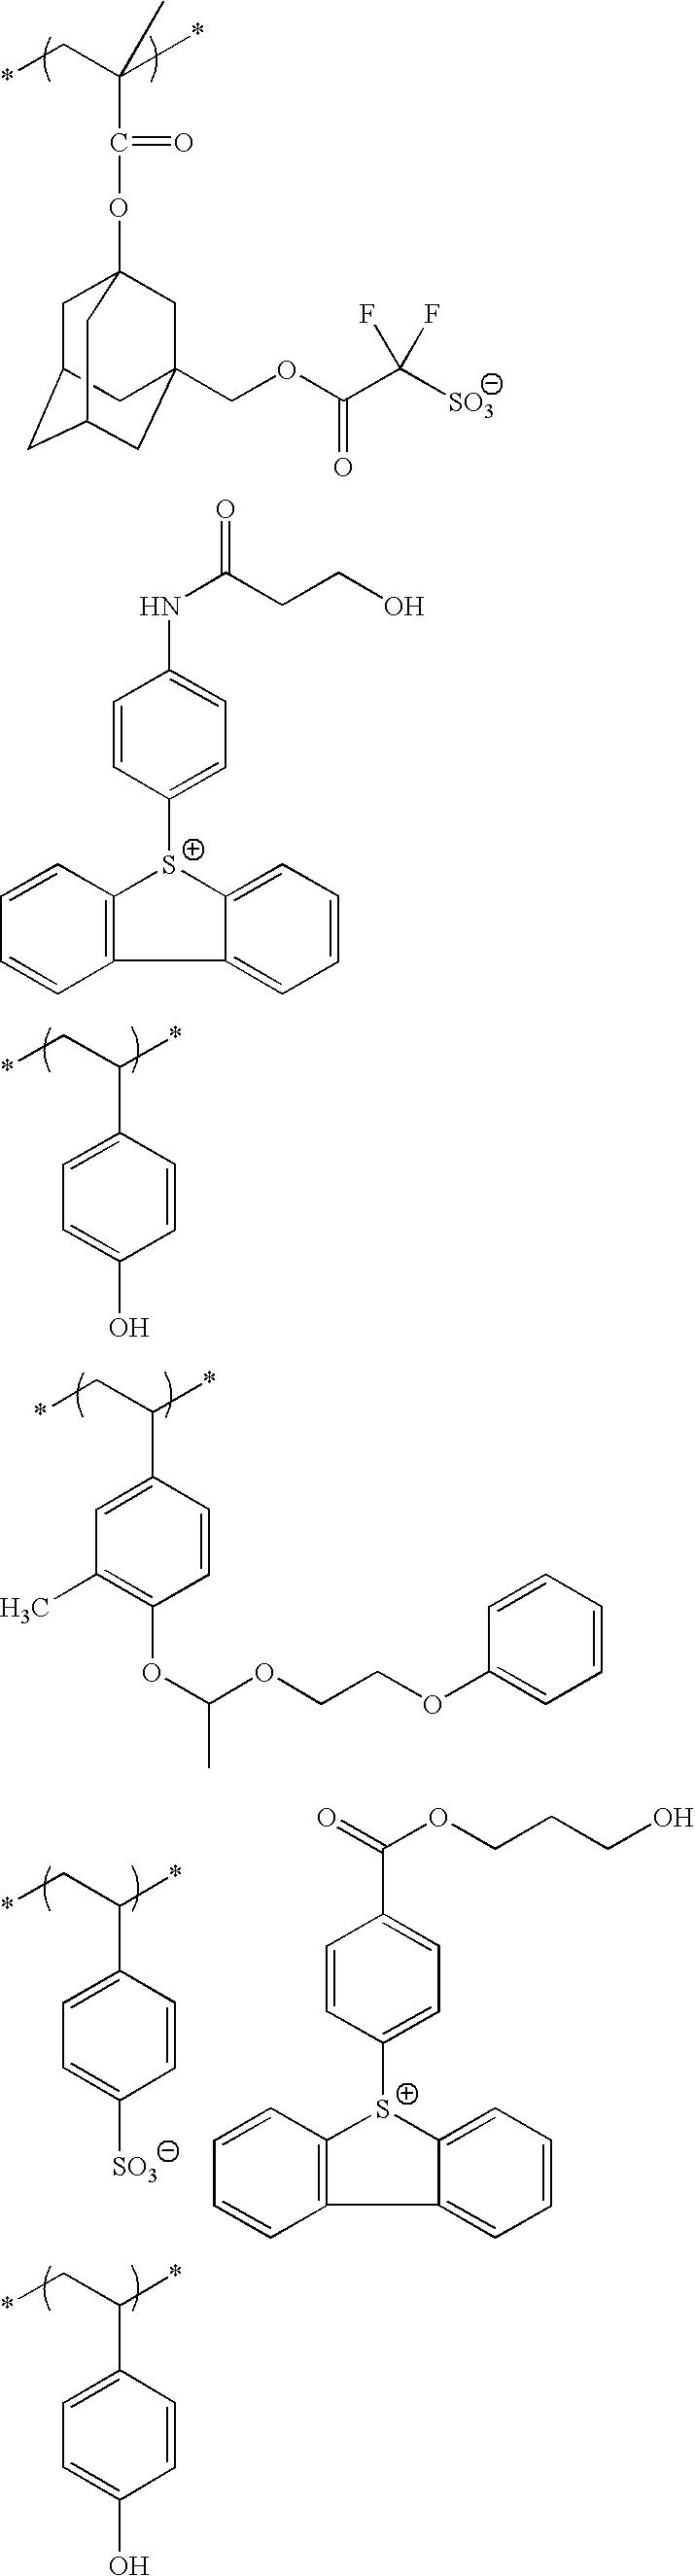 Figure US20100183975A1-20100722-C00163